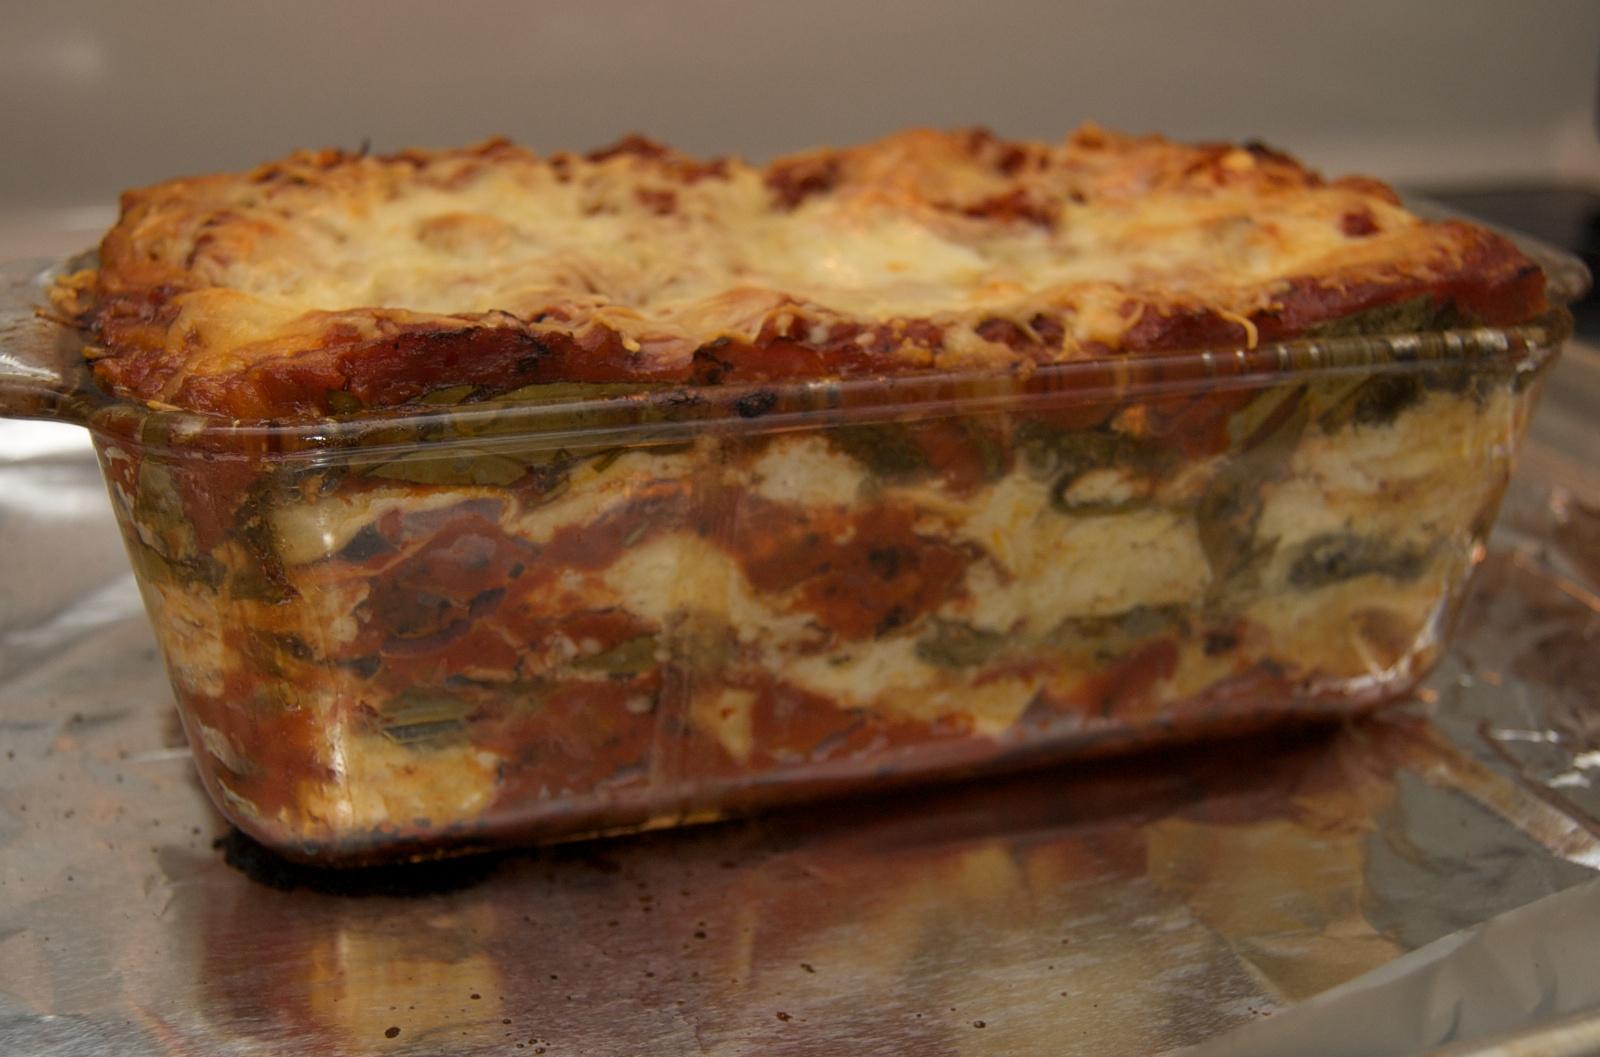 http://blog.rickk.com/food/2010/06/20/lasagna5.jpg